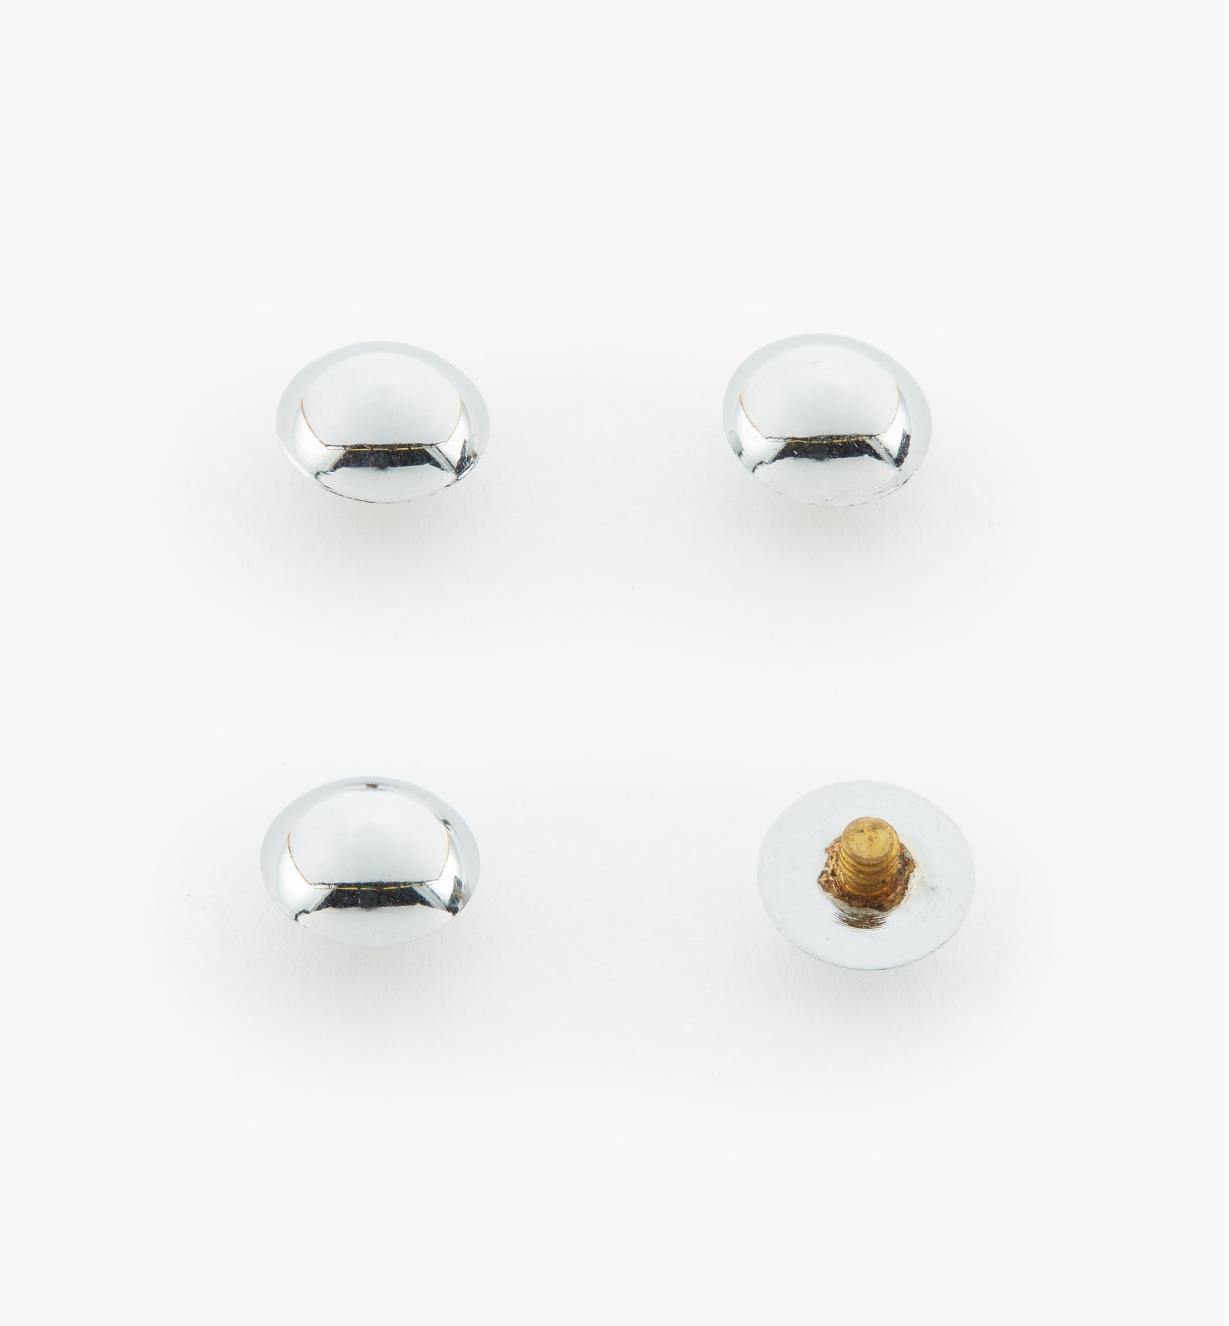 00K4540 - Cache-vis en laiton bombés no 1, 3/8 po, fini chrome poli, le paquet de 4